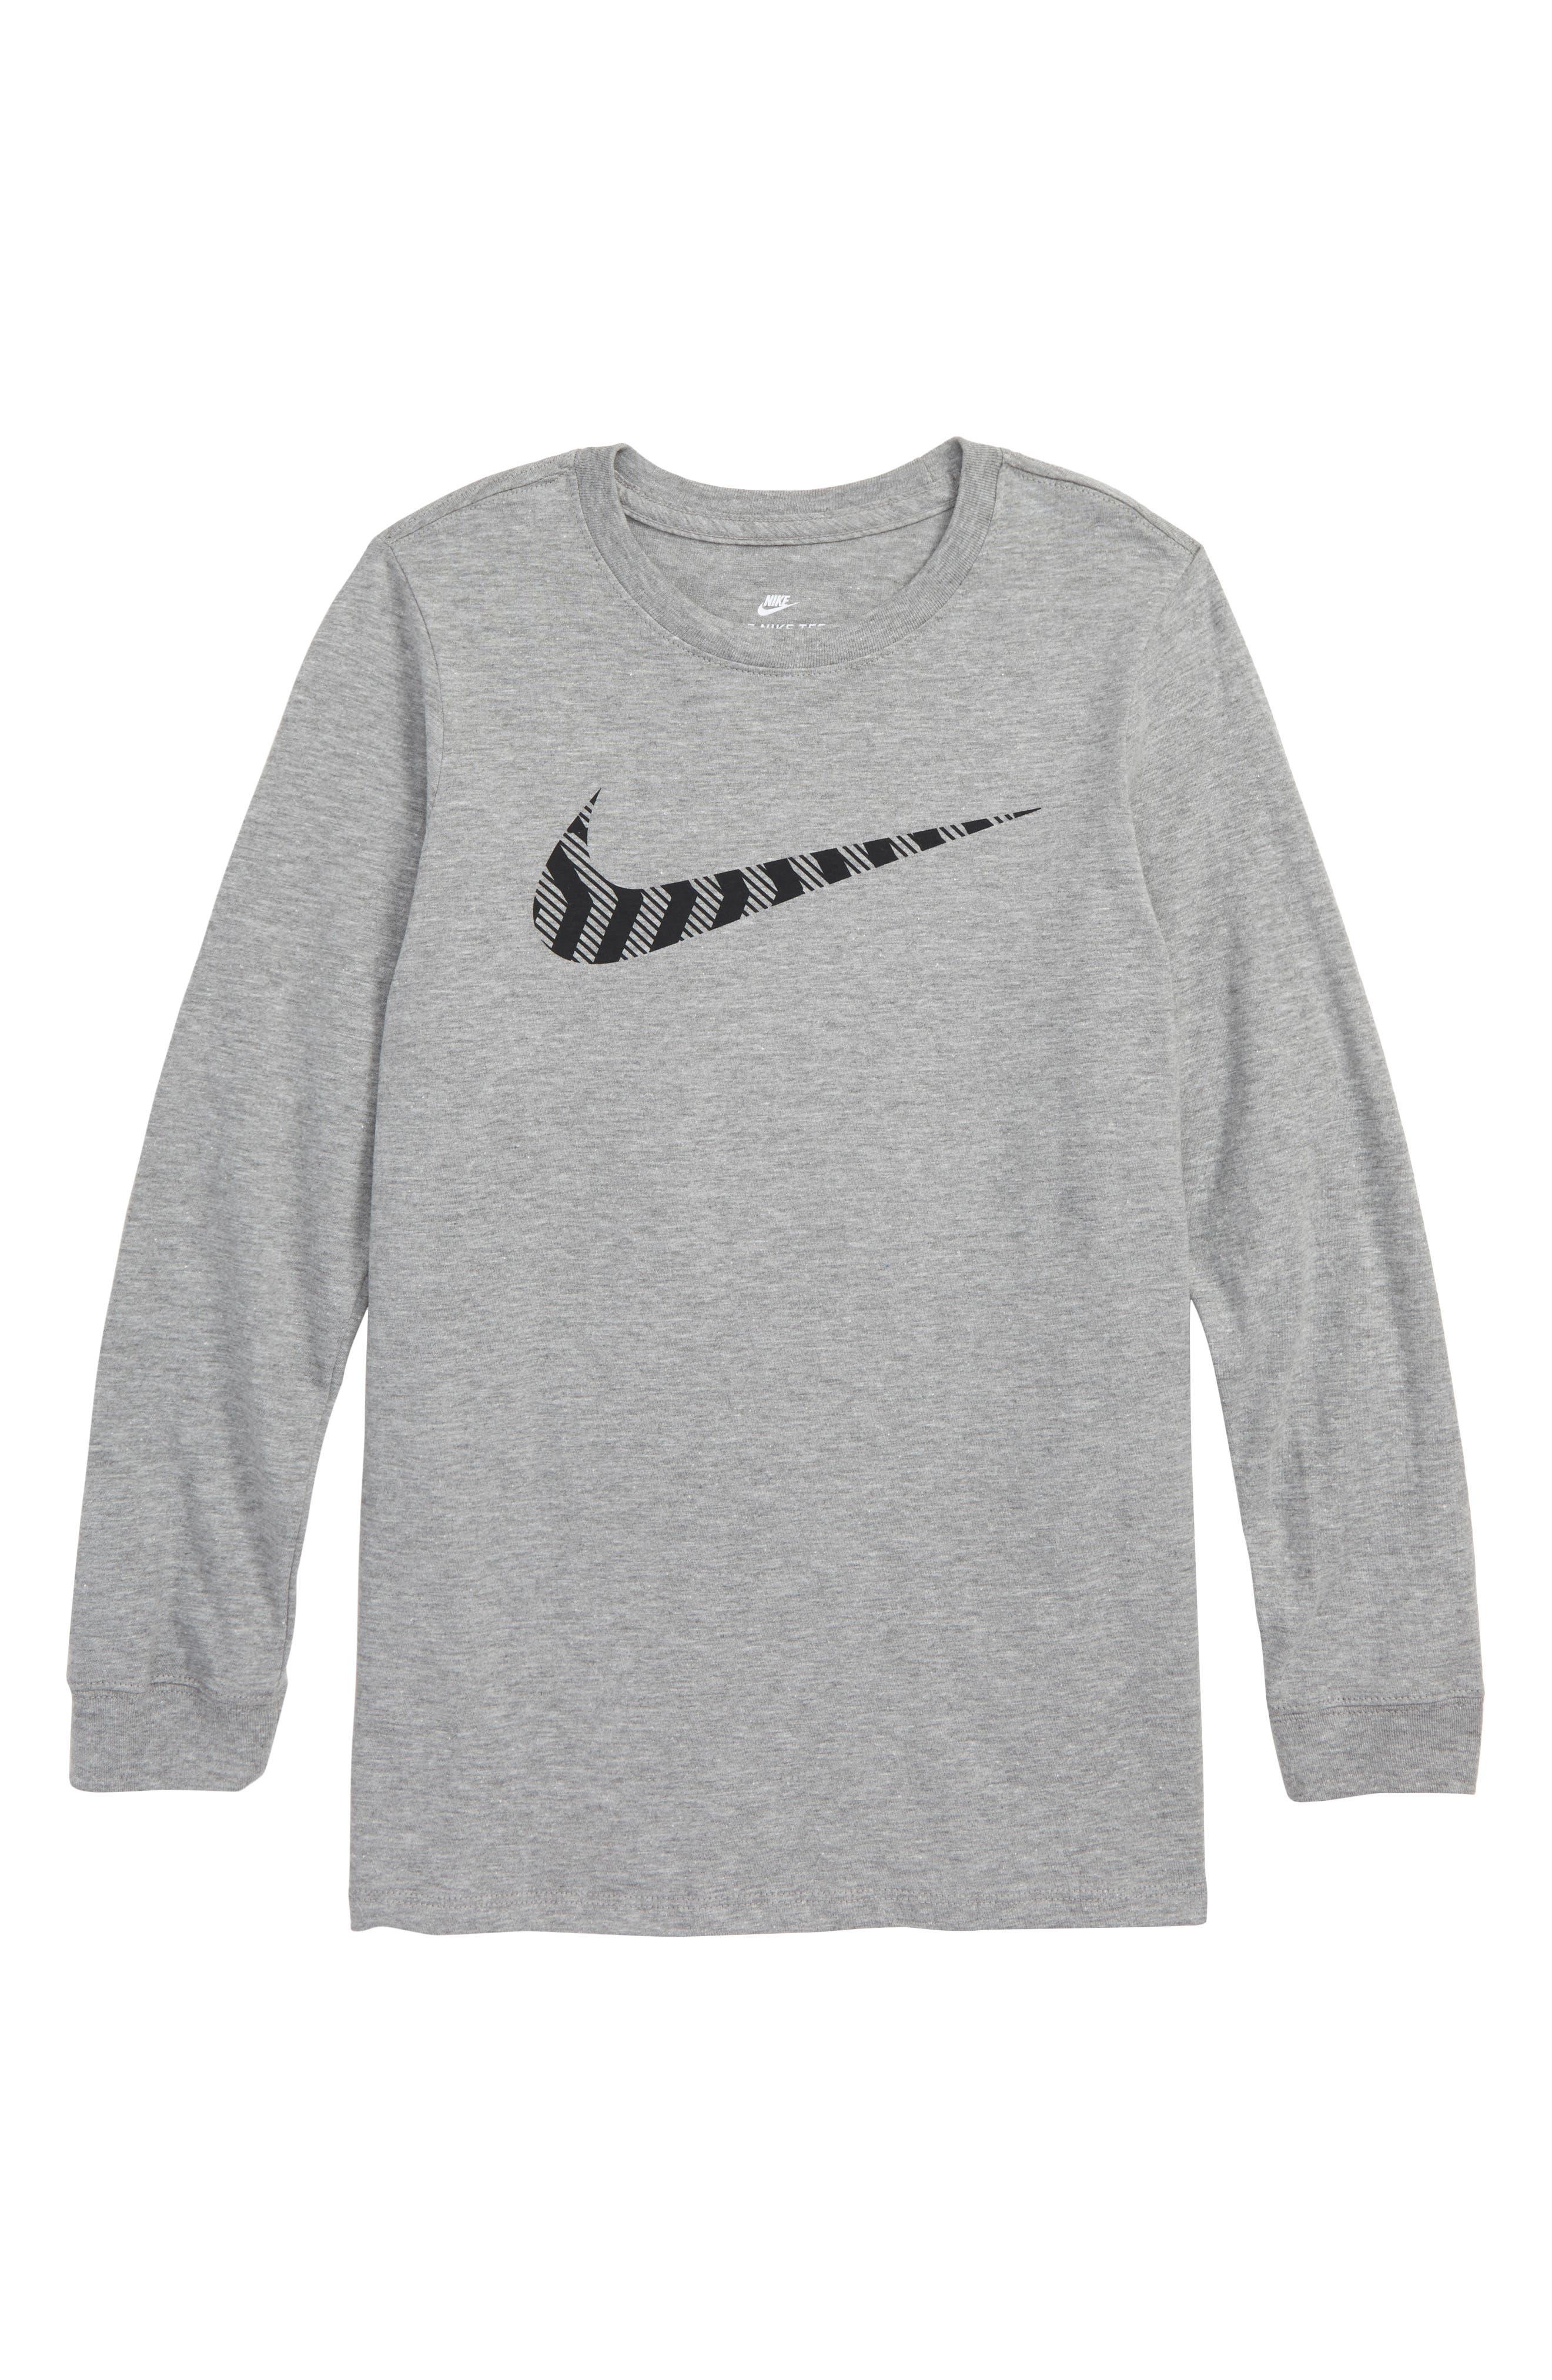 faf9701afff3 Boys  Nike T-Shirts